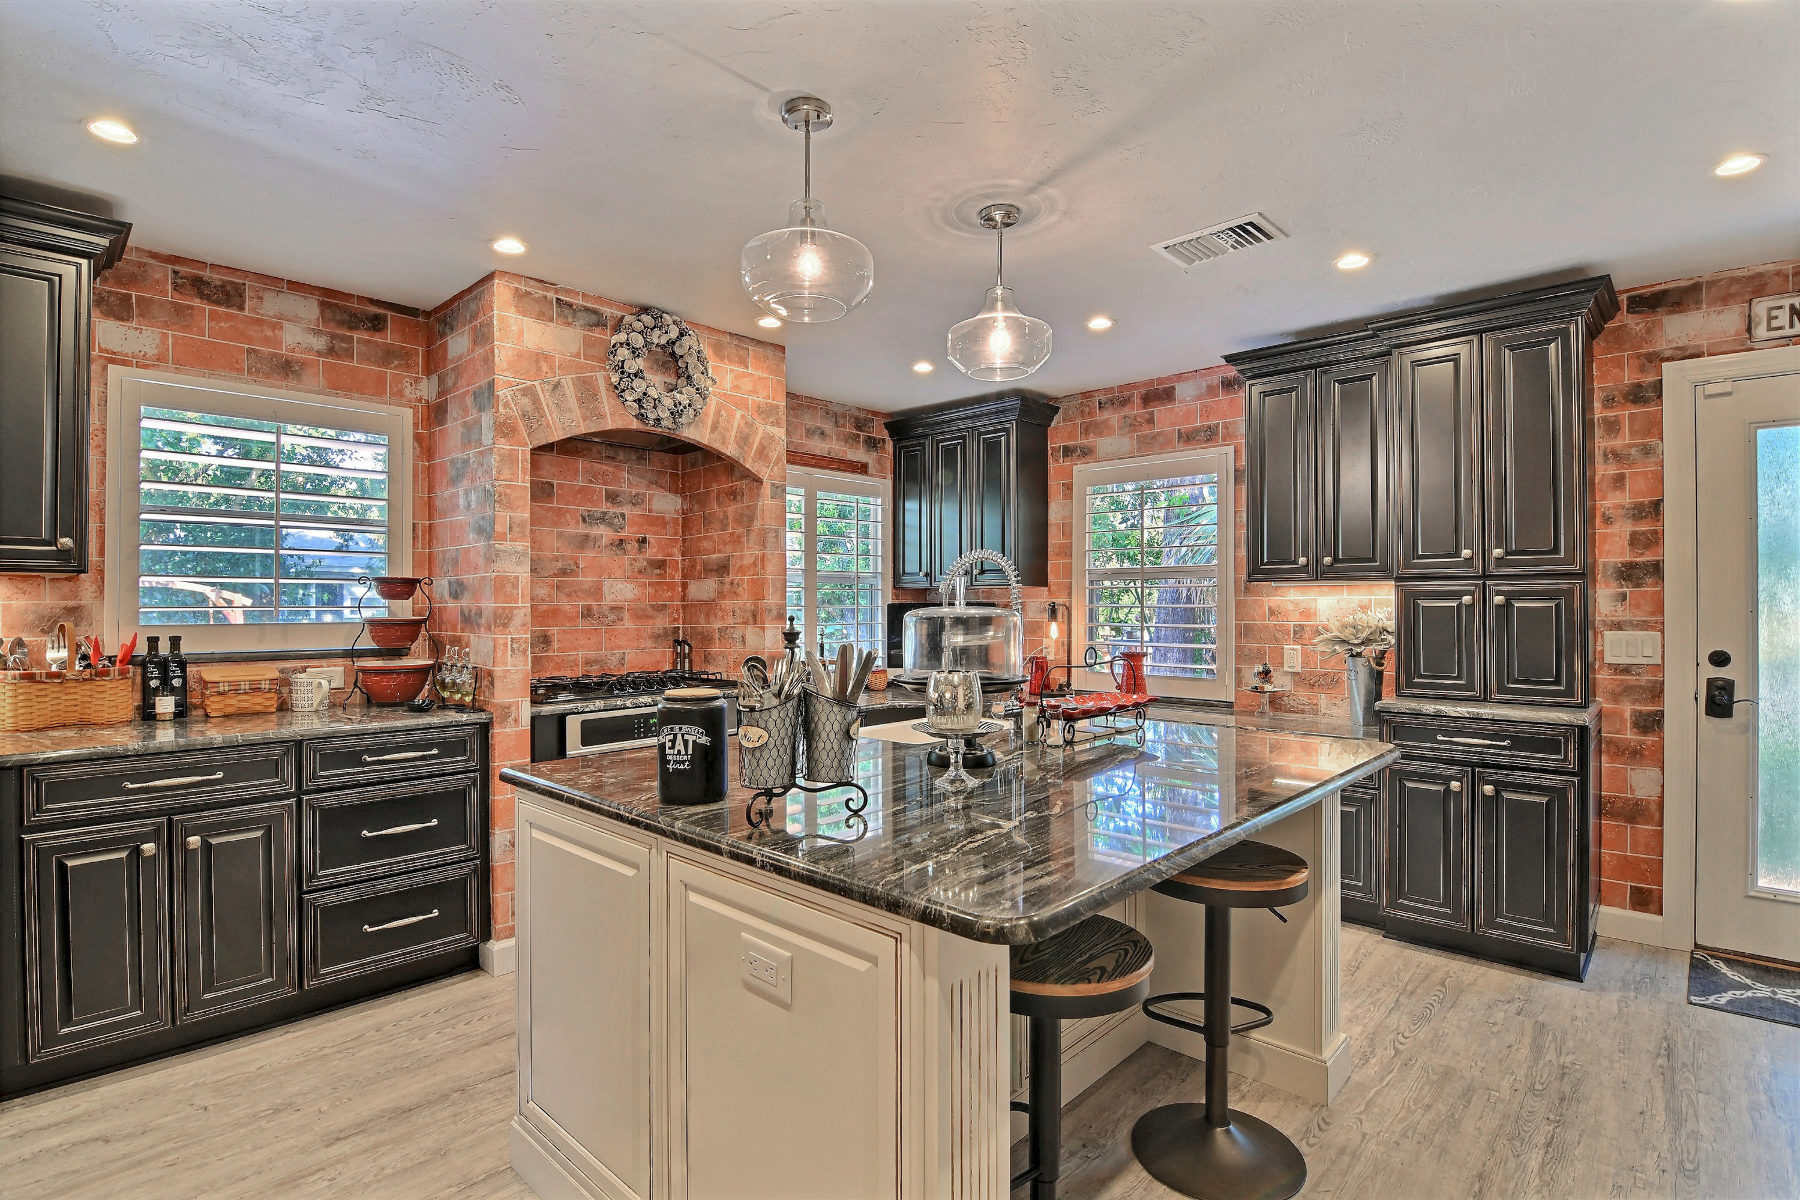 独户住宅 为 销售 在 Renovated McAnsh Park Showplace 2331 Vero Beach Avenue 维罗海滩, 佛罗里达州, 32960 美国